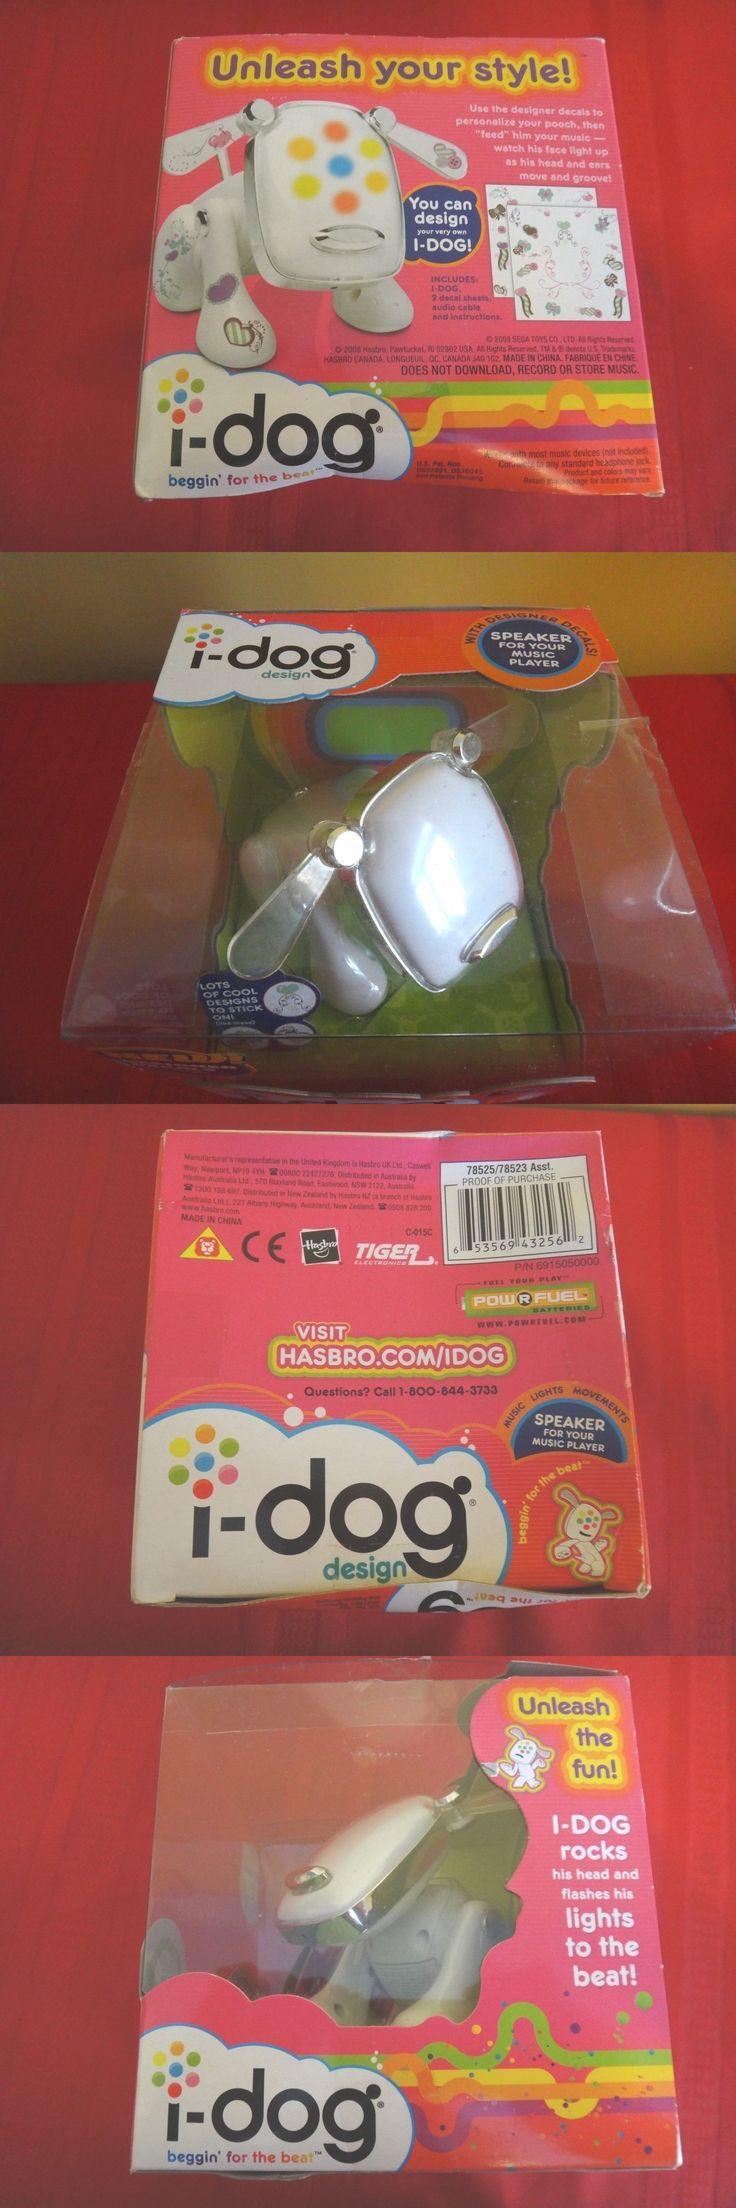 iDog iCat and iFish 119394 *New* 2008 IDog Design White